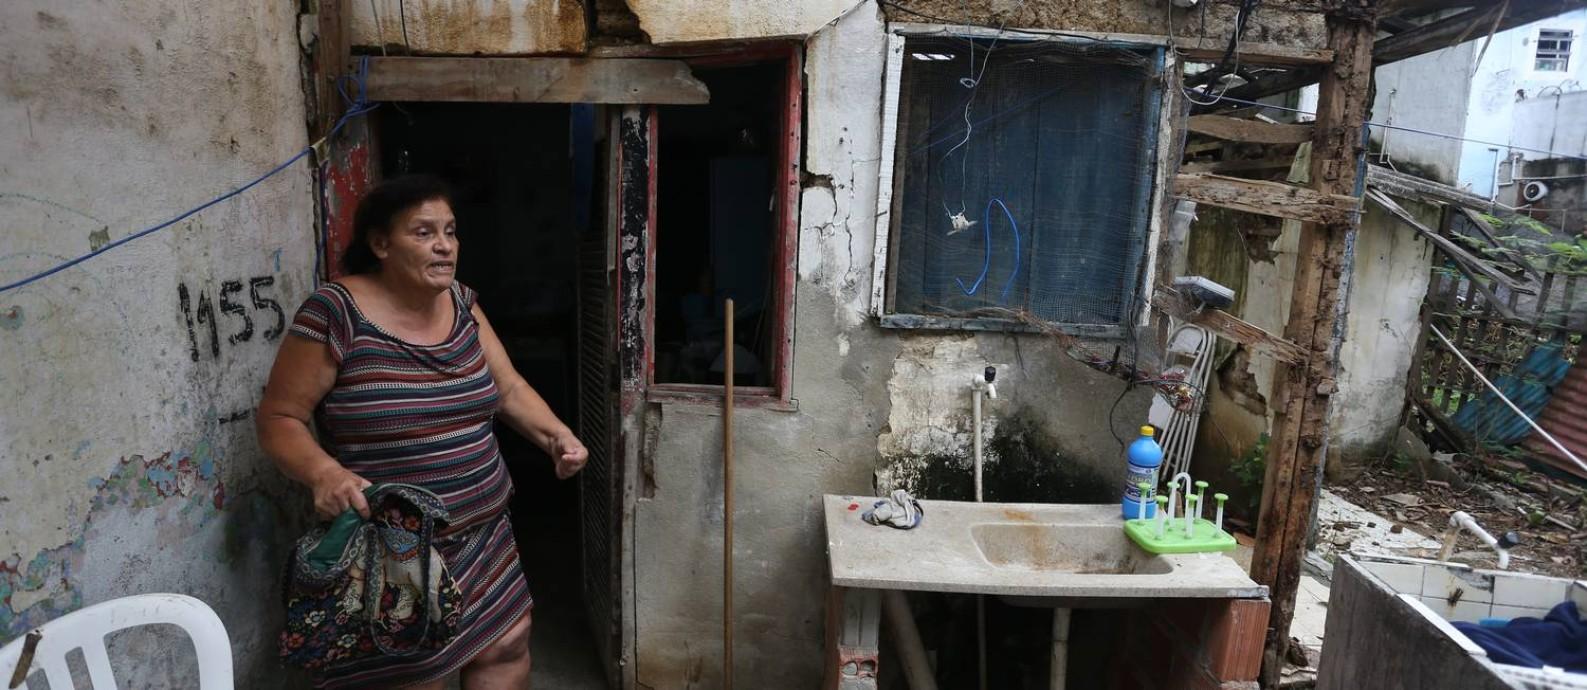 Regina Calixto, de 61 anos, em sua casa no Morro do Andaraí, condenada pela Defesa Civil municipal desde 2014: doente e com um filho com deficiência, ela briga na Justiça contra a prefeitura para tentar receber aluguel social Foto: Pedro Teixeira / Agência O Globo